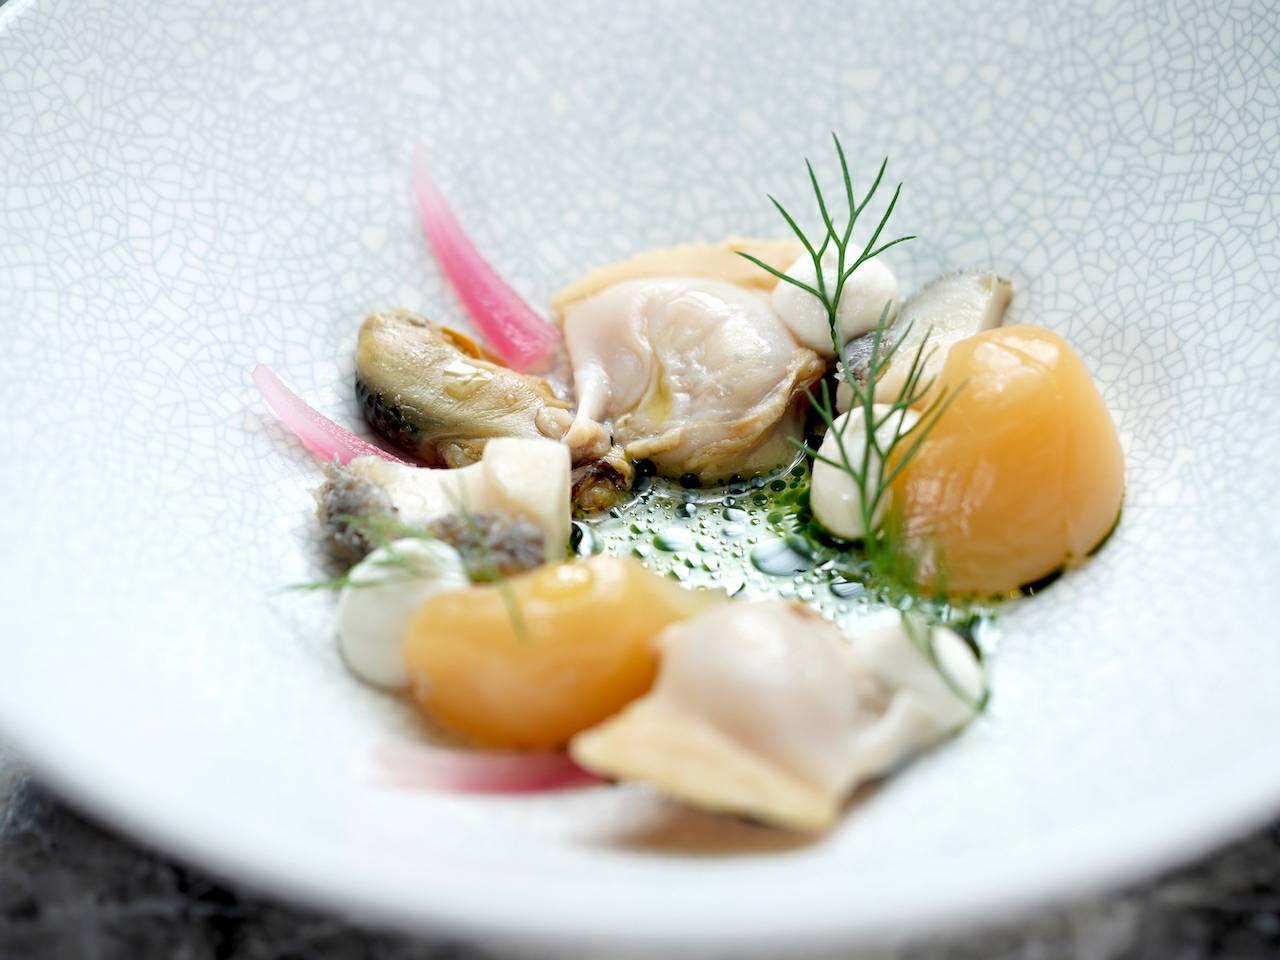 蘭餐廳的「貝類| 絲瓜|  杏仁」,以四種不同的方式處理四種貝類,再配上絲瓜冷湯。(圖片:蘭提供)